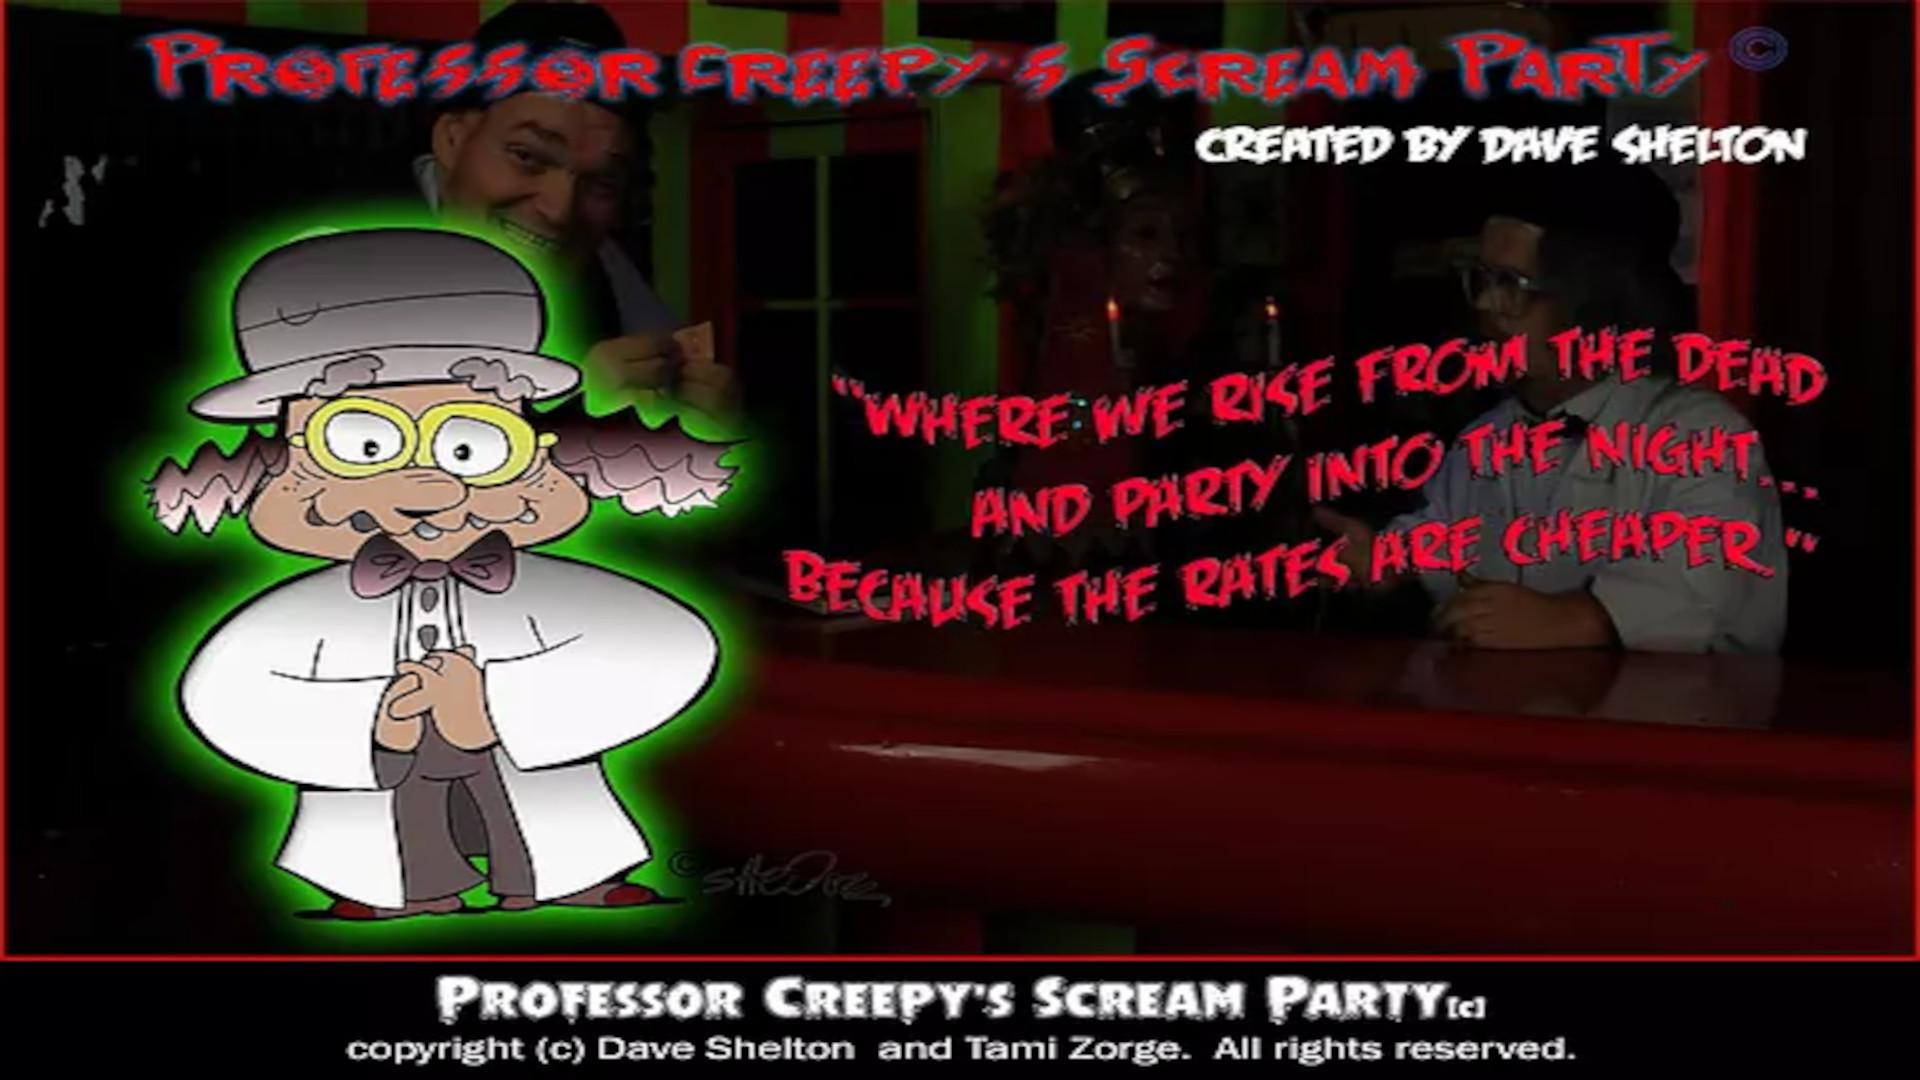 Professor Creepy's Scream Party